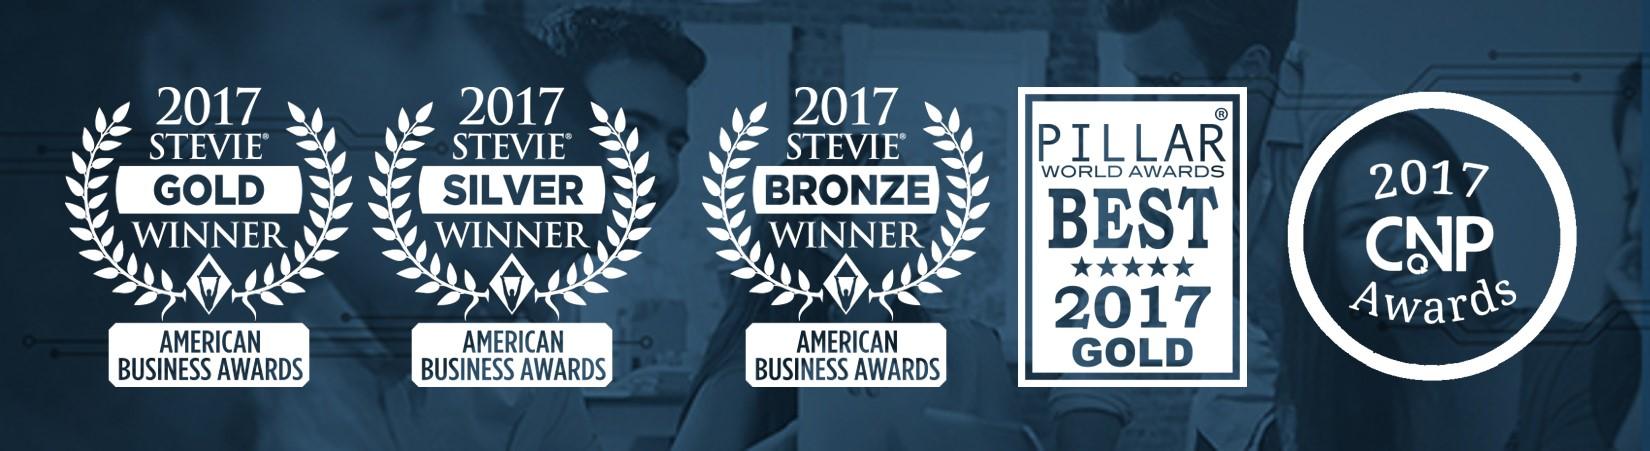 Email Header2-BP Awards.jpg